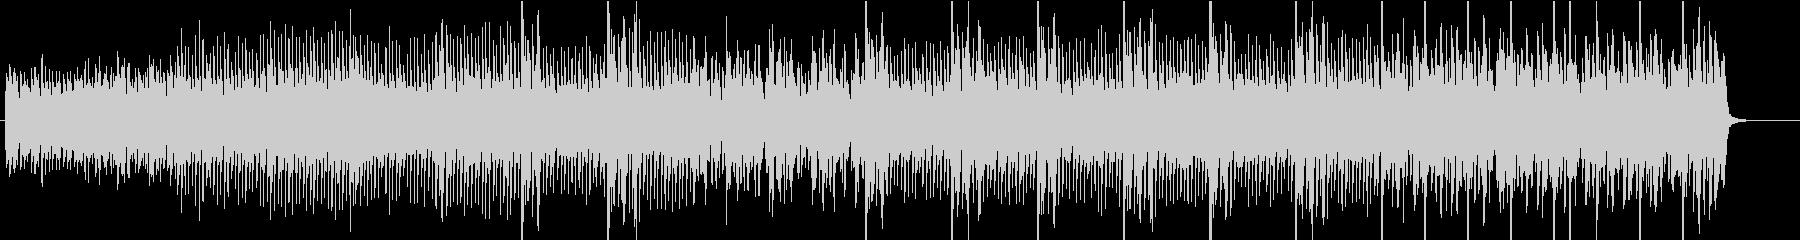 マレット風ピアノの優しいアルペジオ曲の未再生の波形